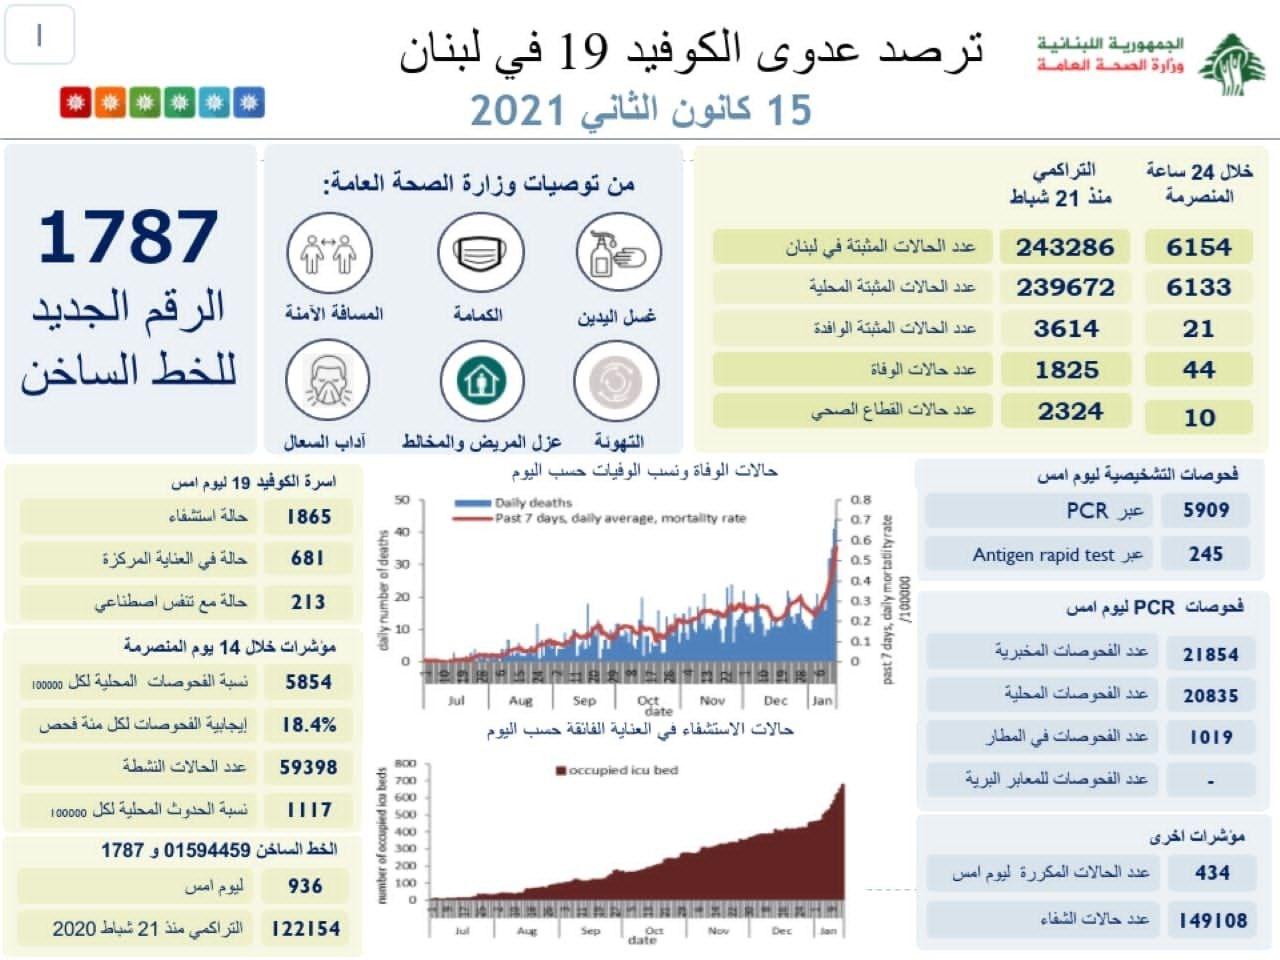 لبنان يقترب من توقيع اتفاقات لاستيراد لقاحات ضد فيروس كورنا